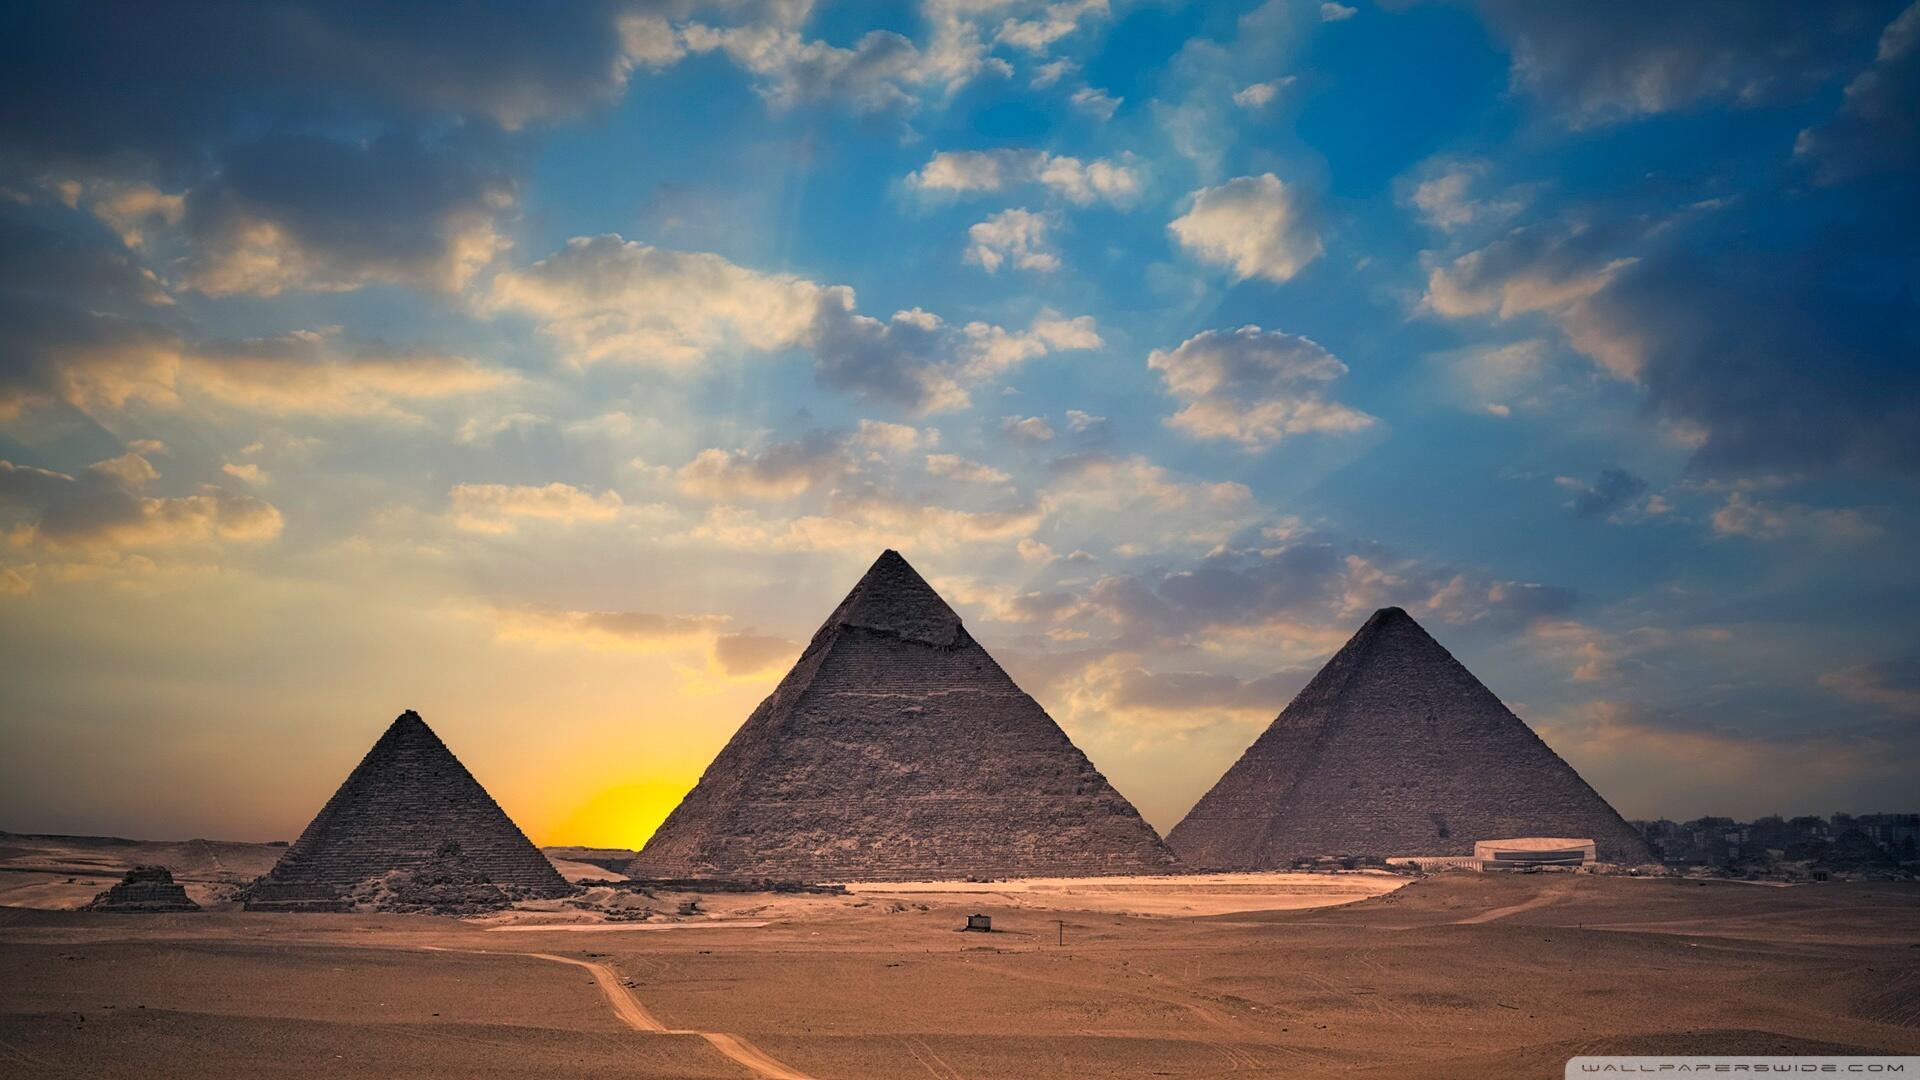 Открытка египет пирамиды, необычные картинки